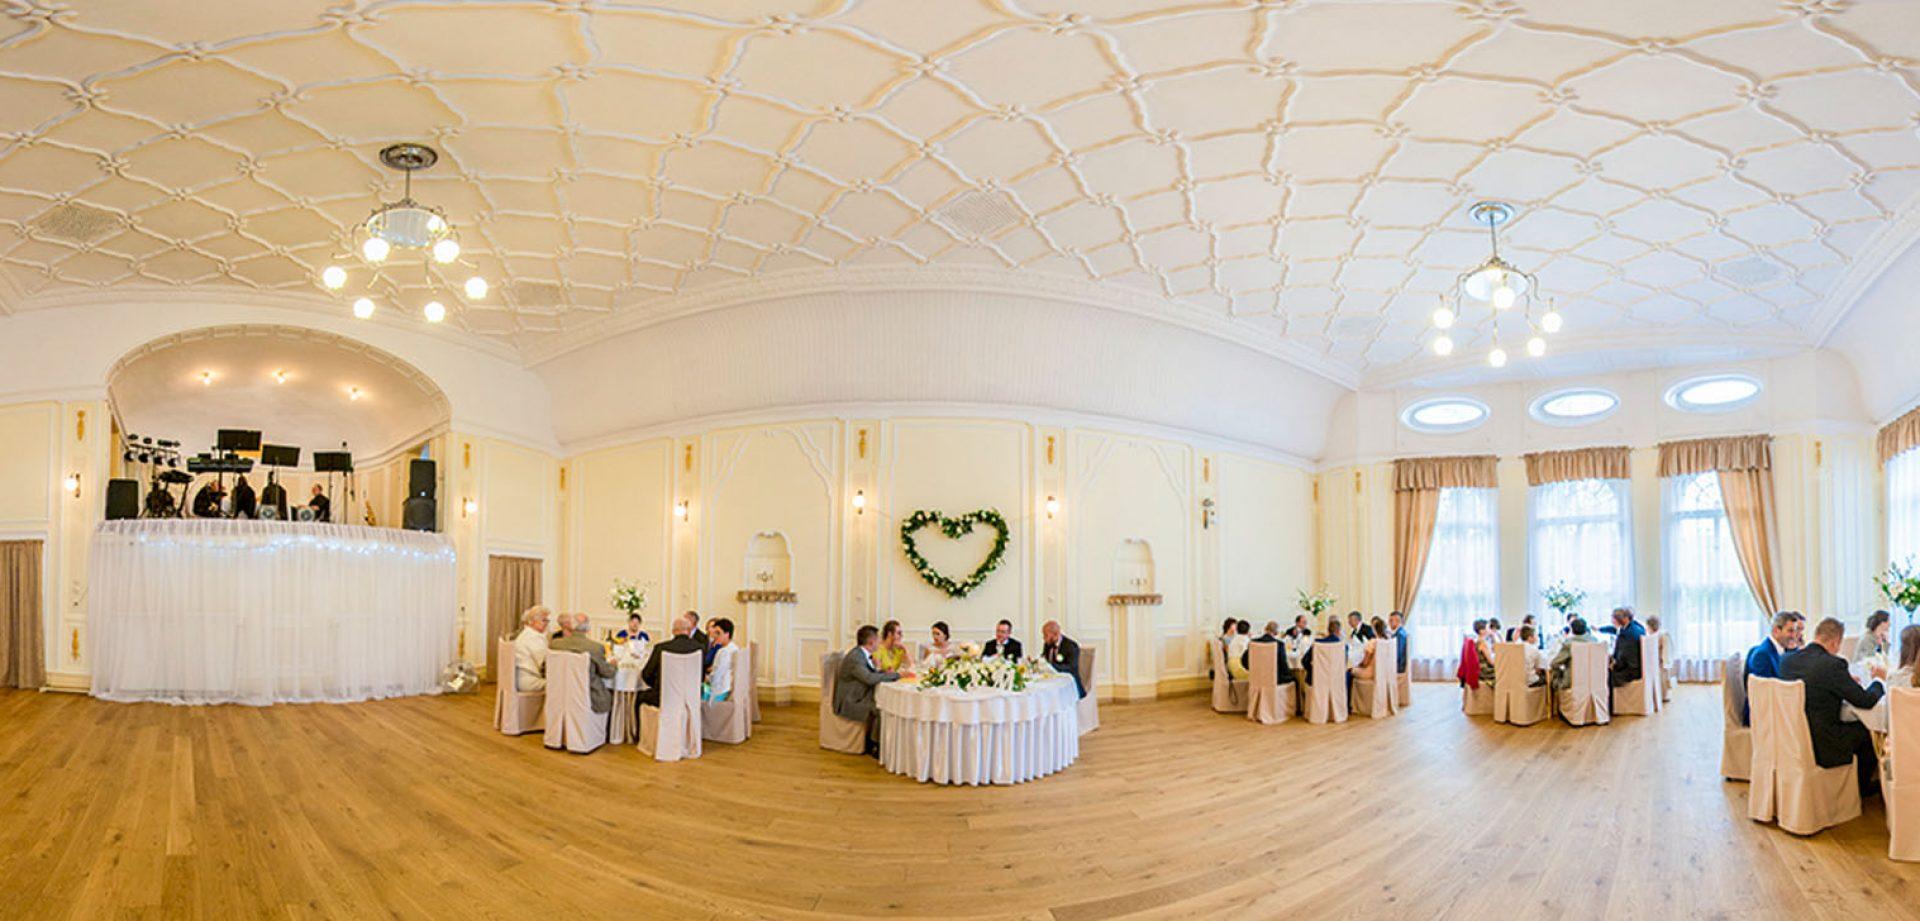 Restauracja Zatoka – Bydgoszcz – Noclegi – Catering – Wesela – Konferencje